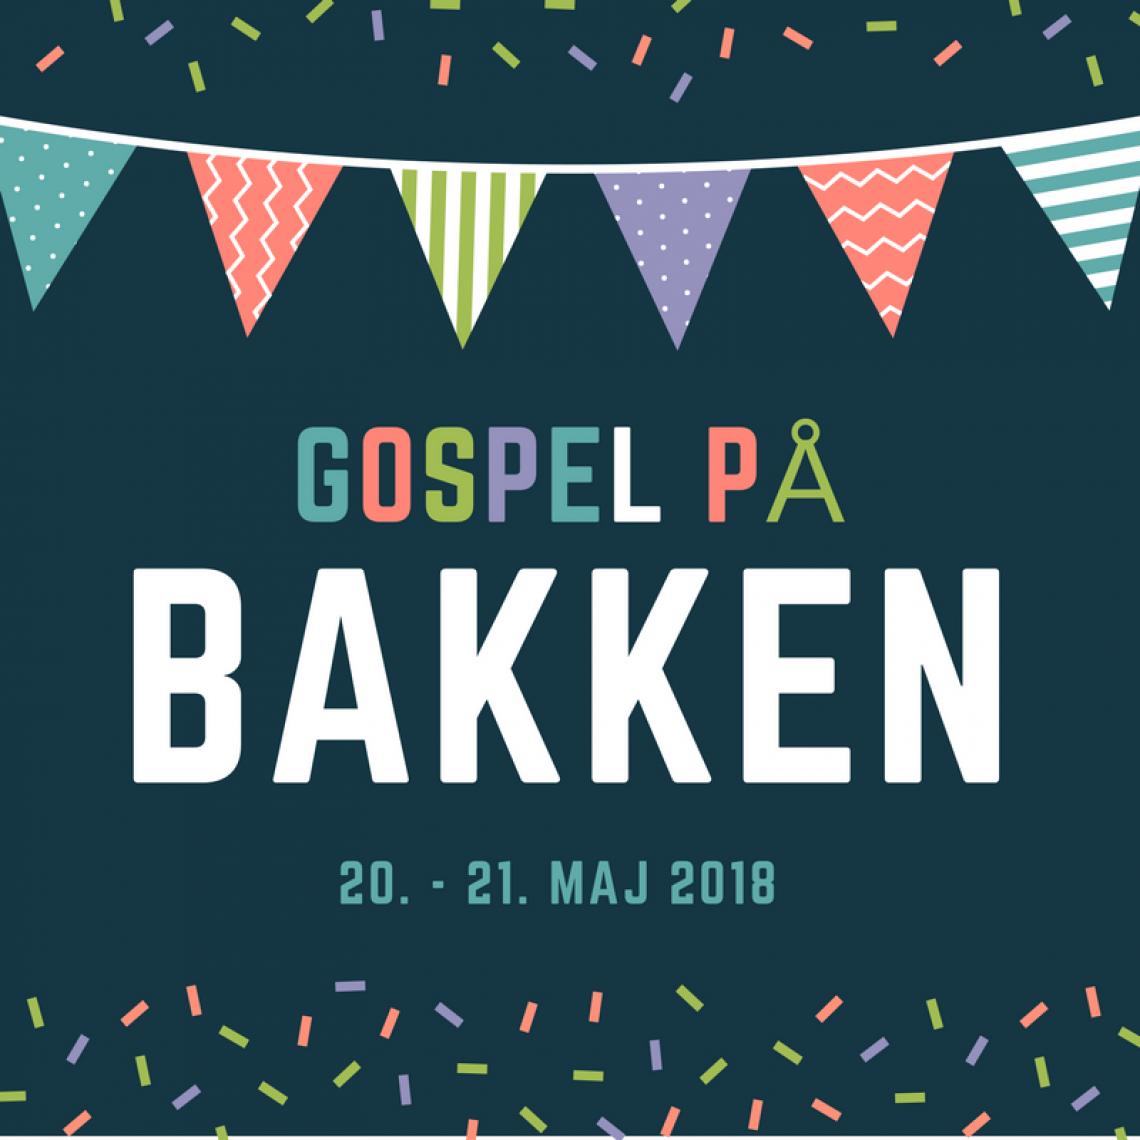 Gospel på Bakken 2018